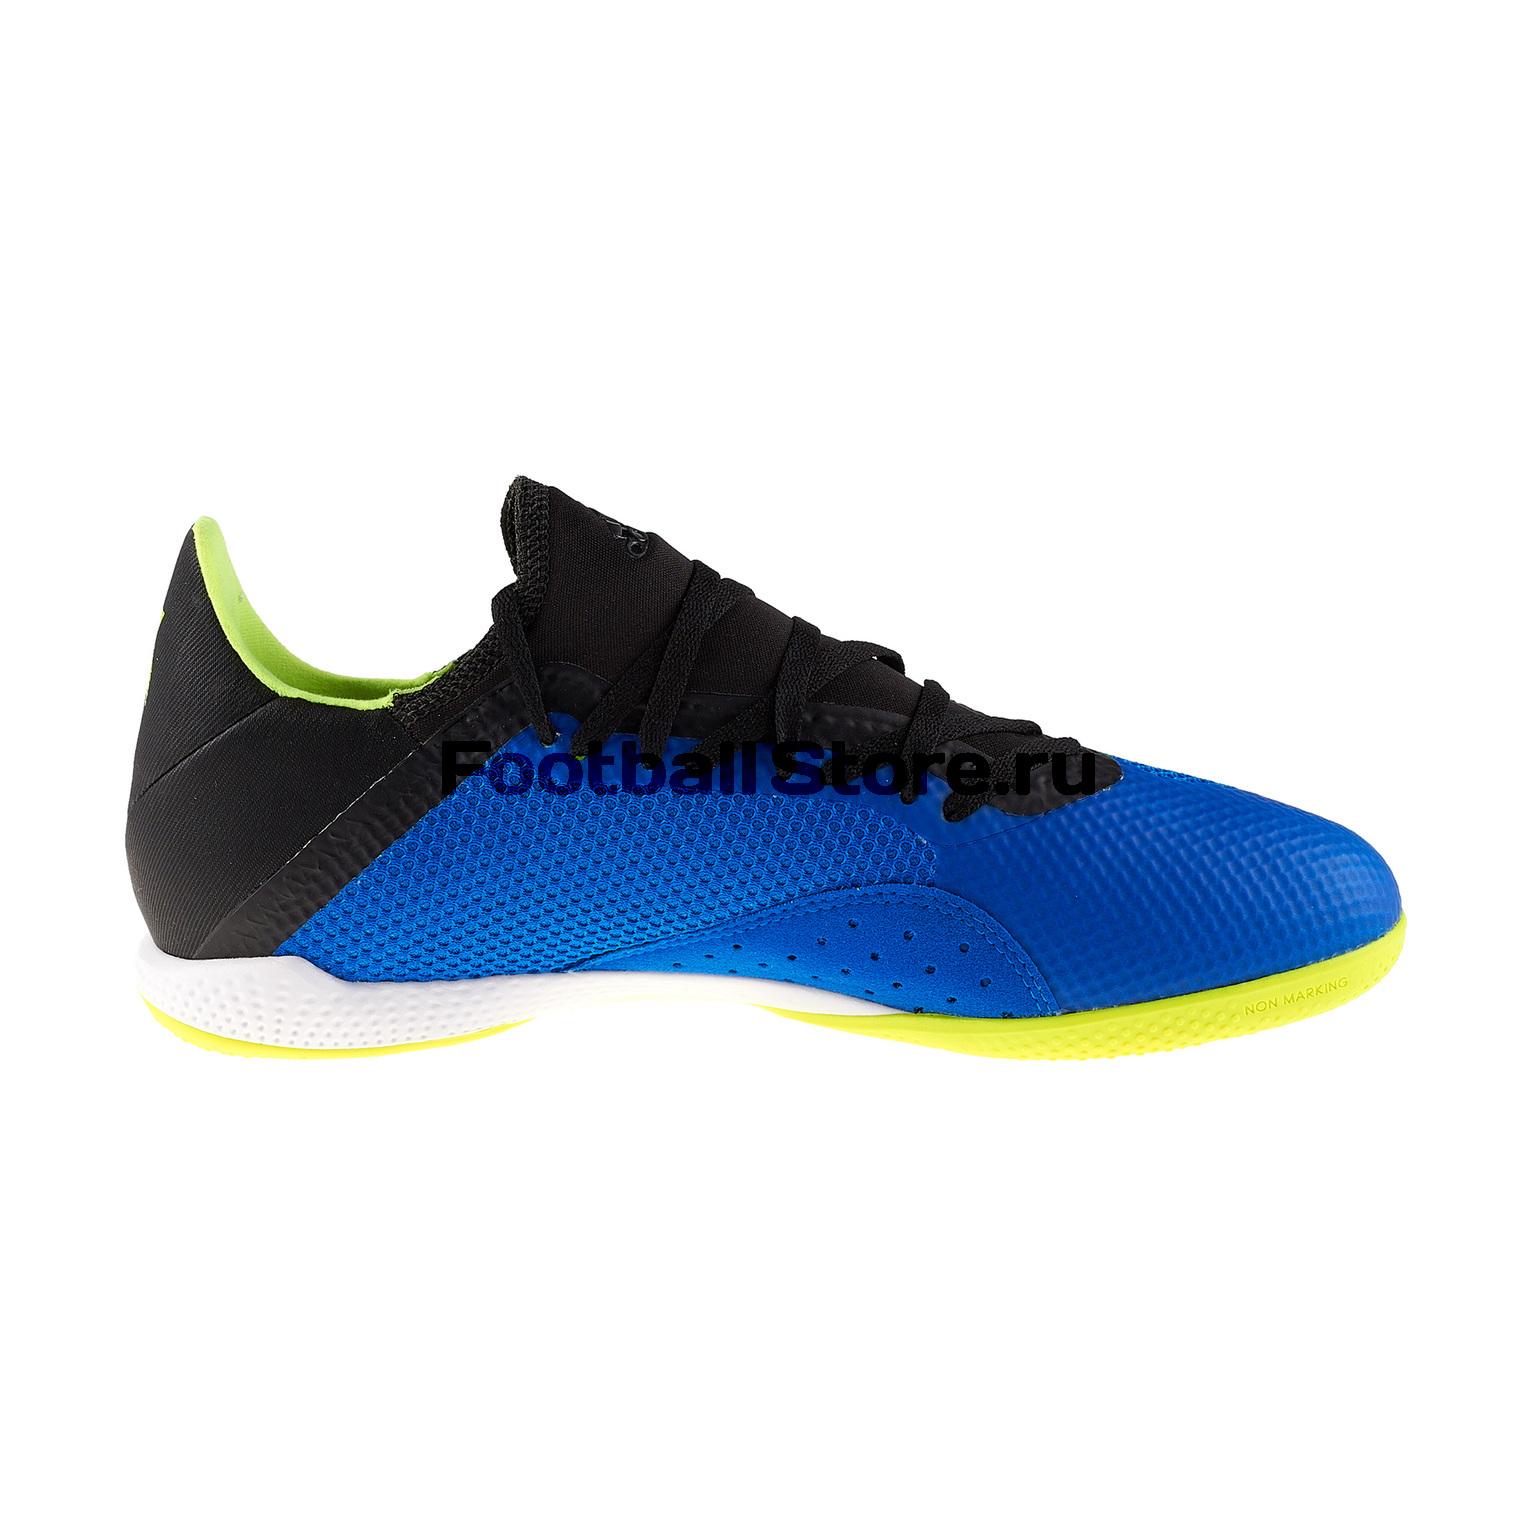 Футзалки Adidas X Tango 18.3 IN DB1954 – купить футзалки в интернет ... fa735eedb89